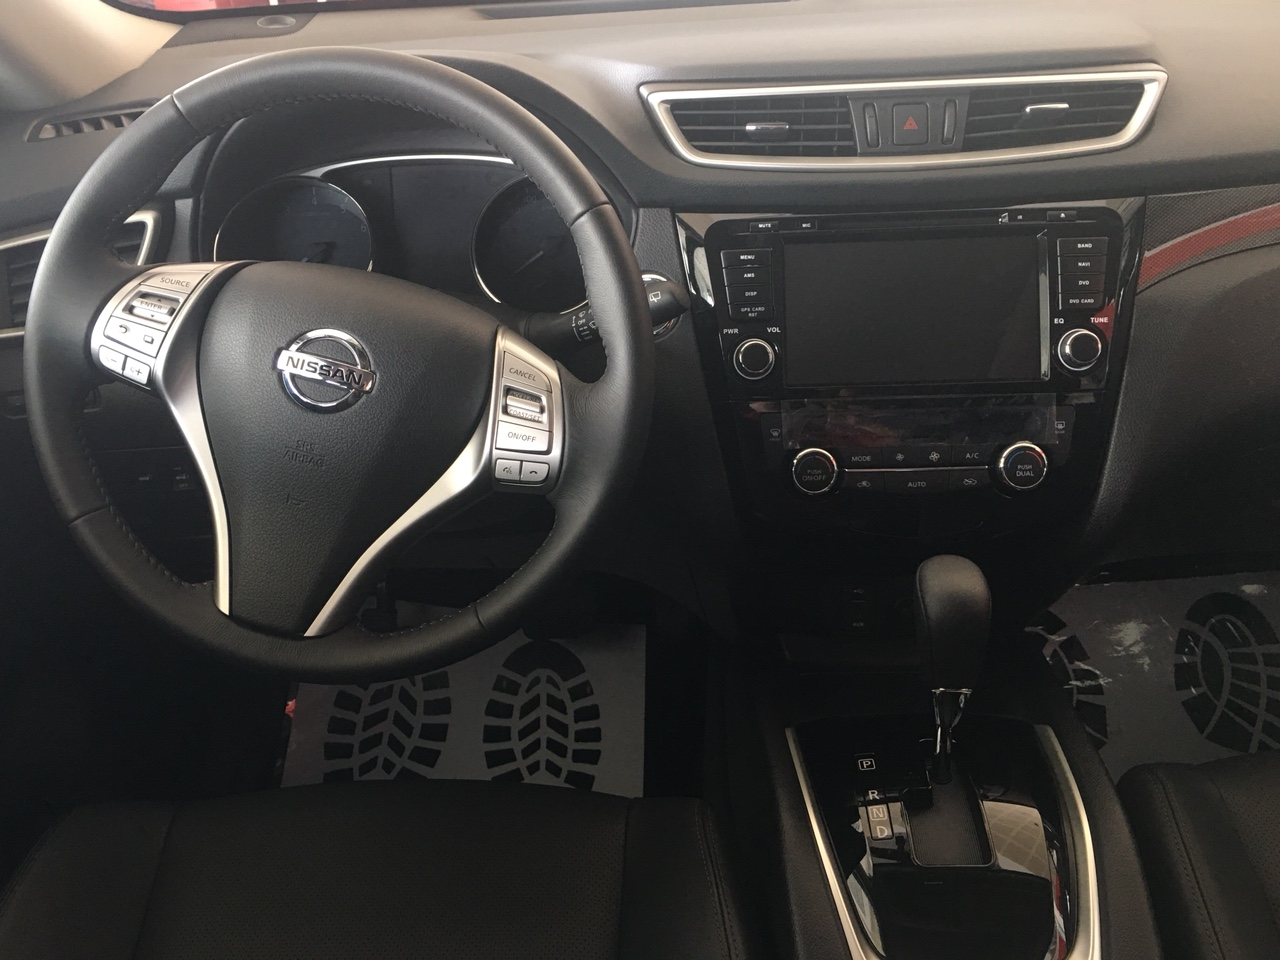 Bán Nissan X trail 2.0 sản xuất 2019, xe nhập giá tốt, liên hệ 0906720992, giao ngay